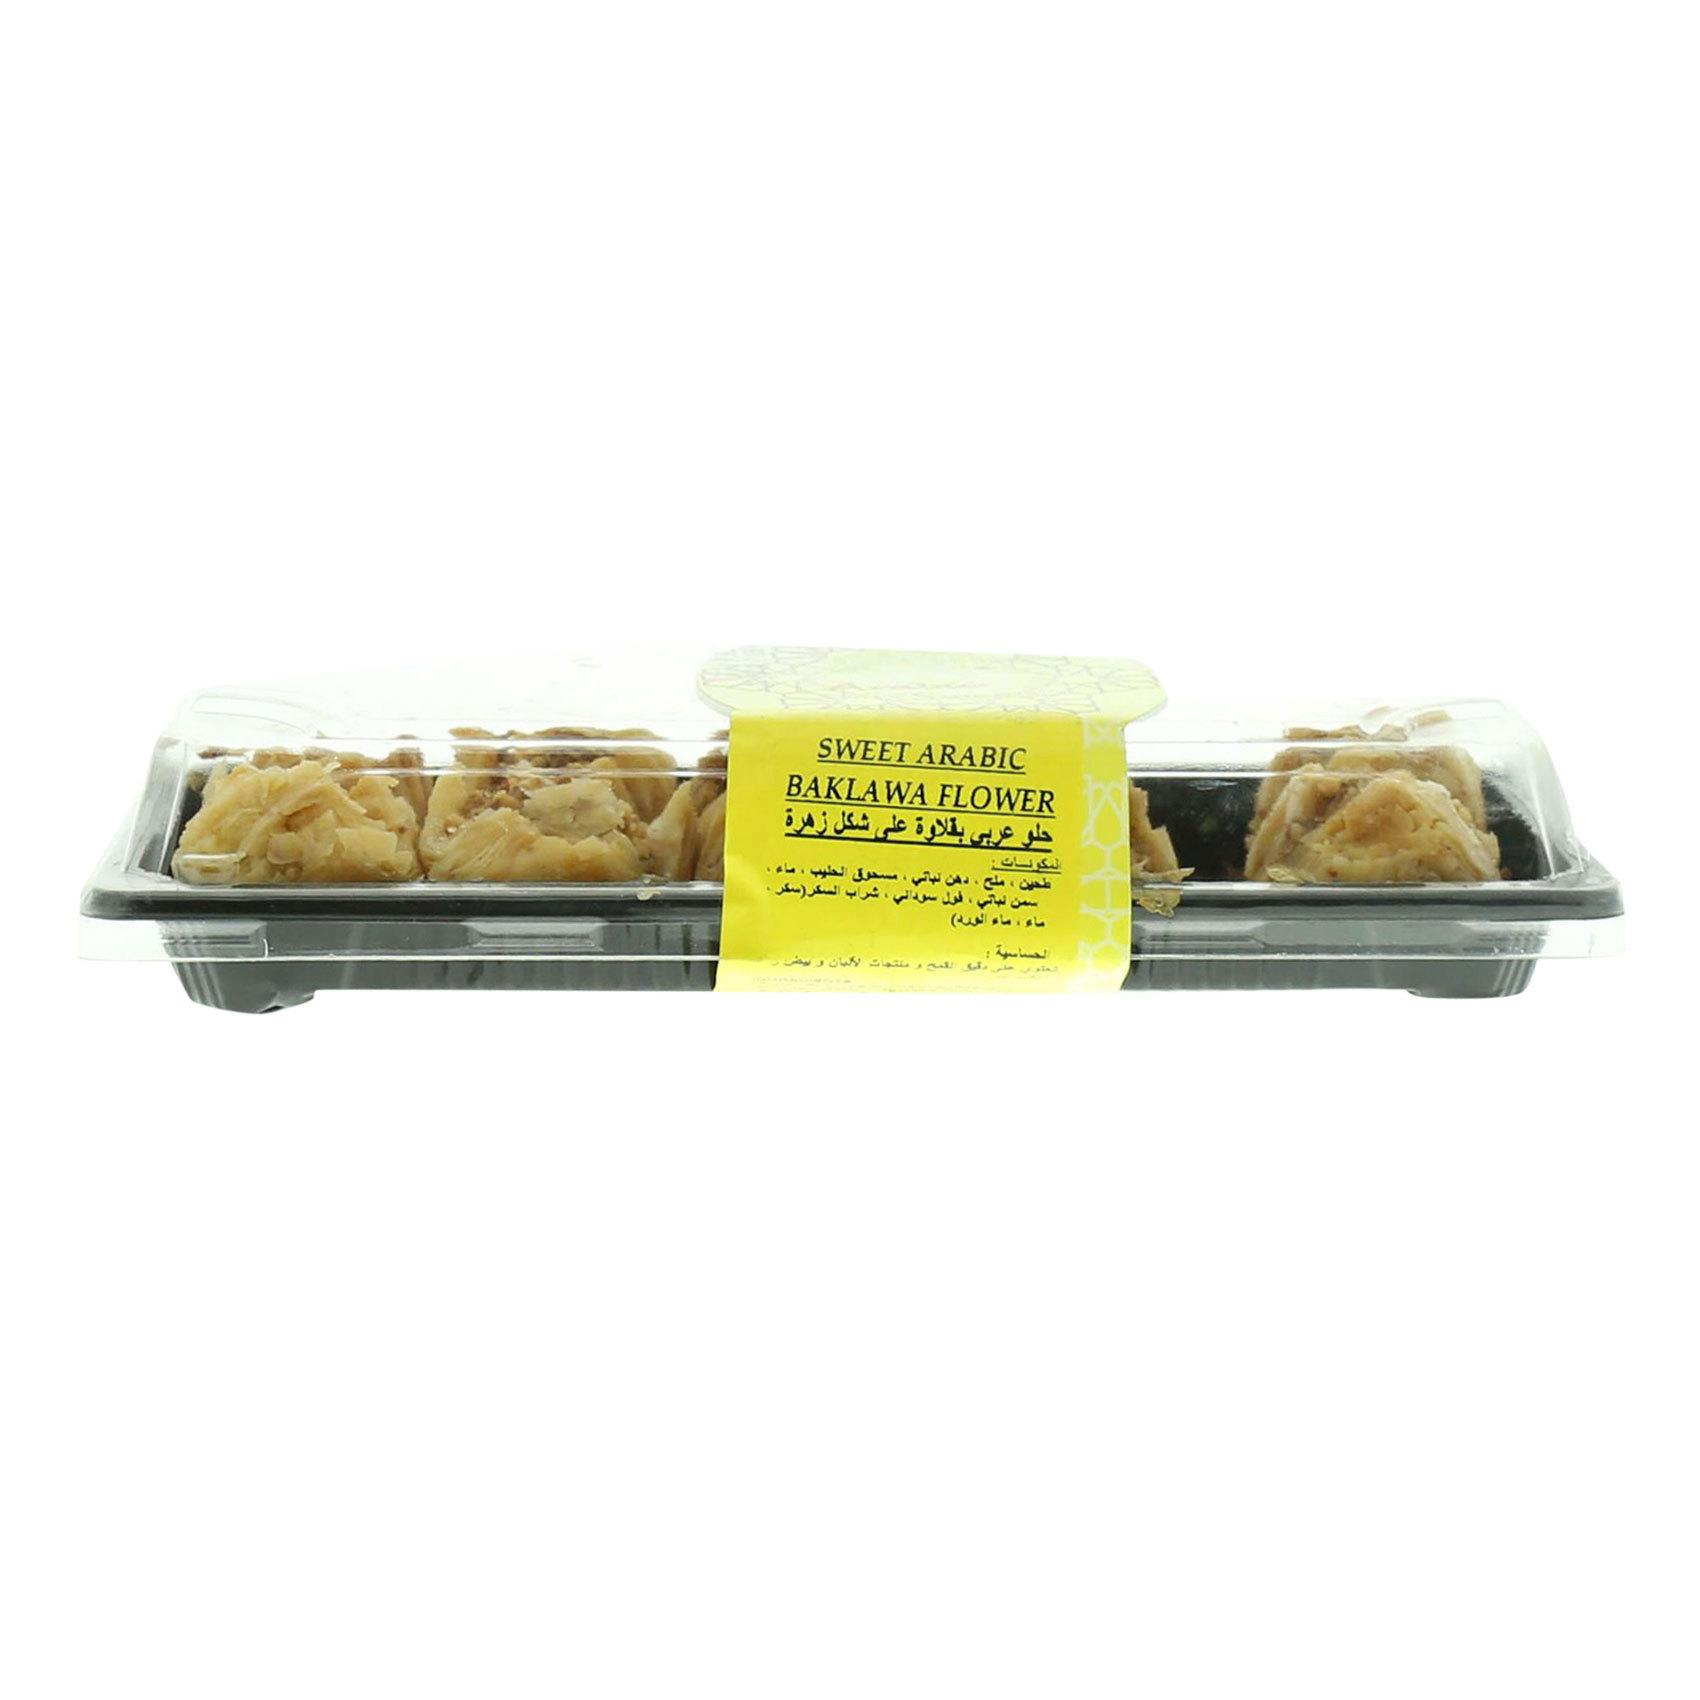 M/BAKERY SWEET ARABIC BAKLAWA 250G